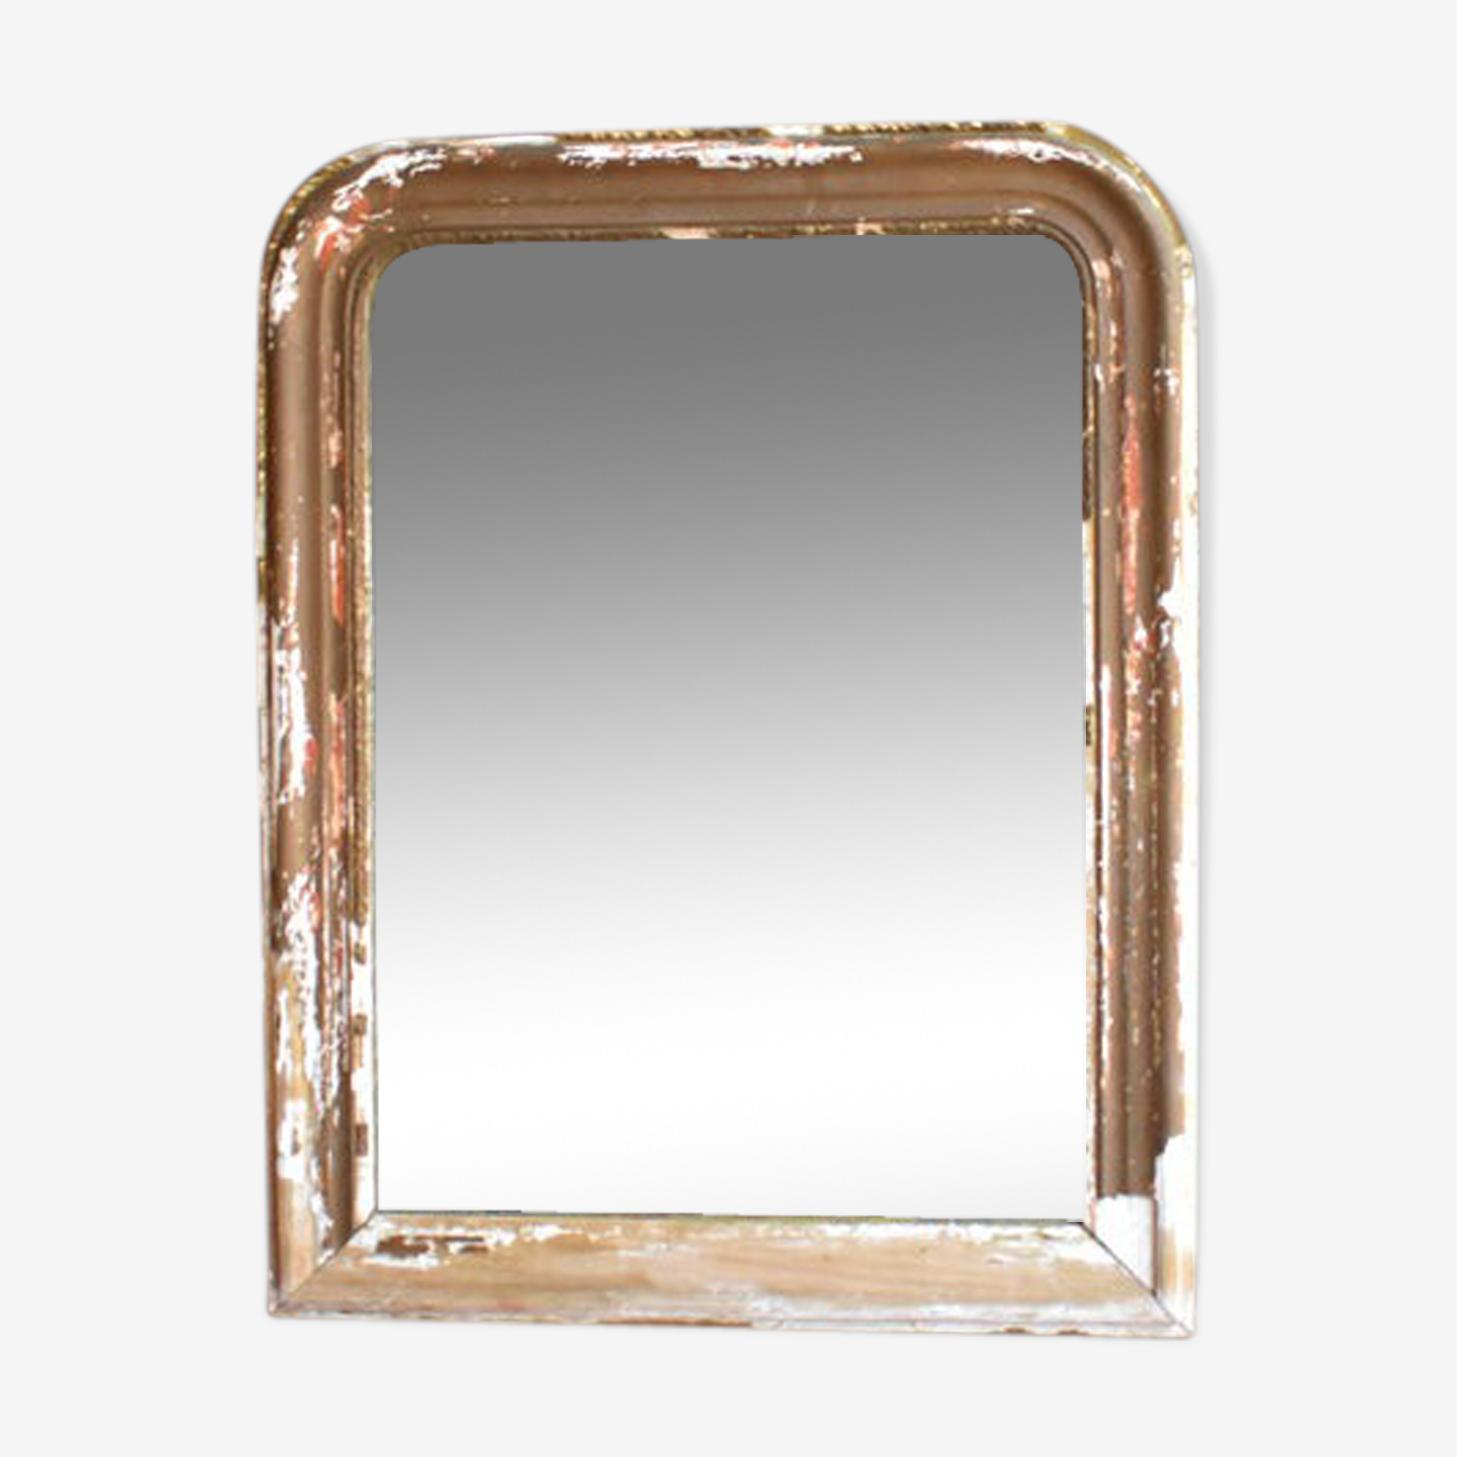 Mirror classic 83x65cm